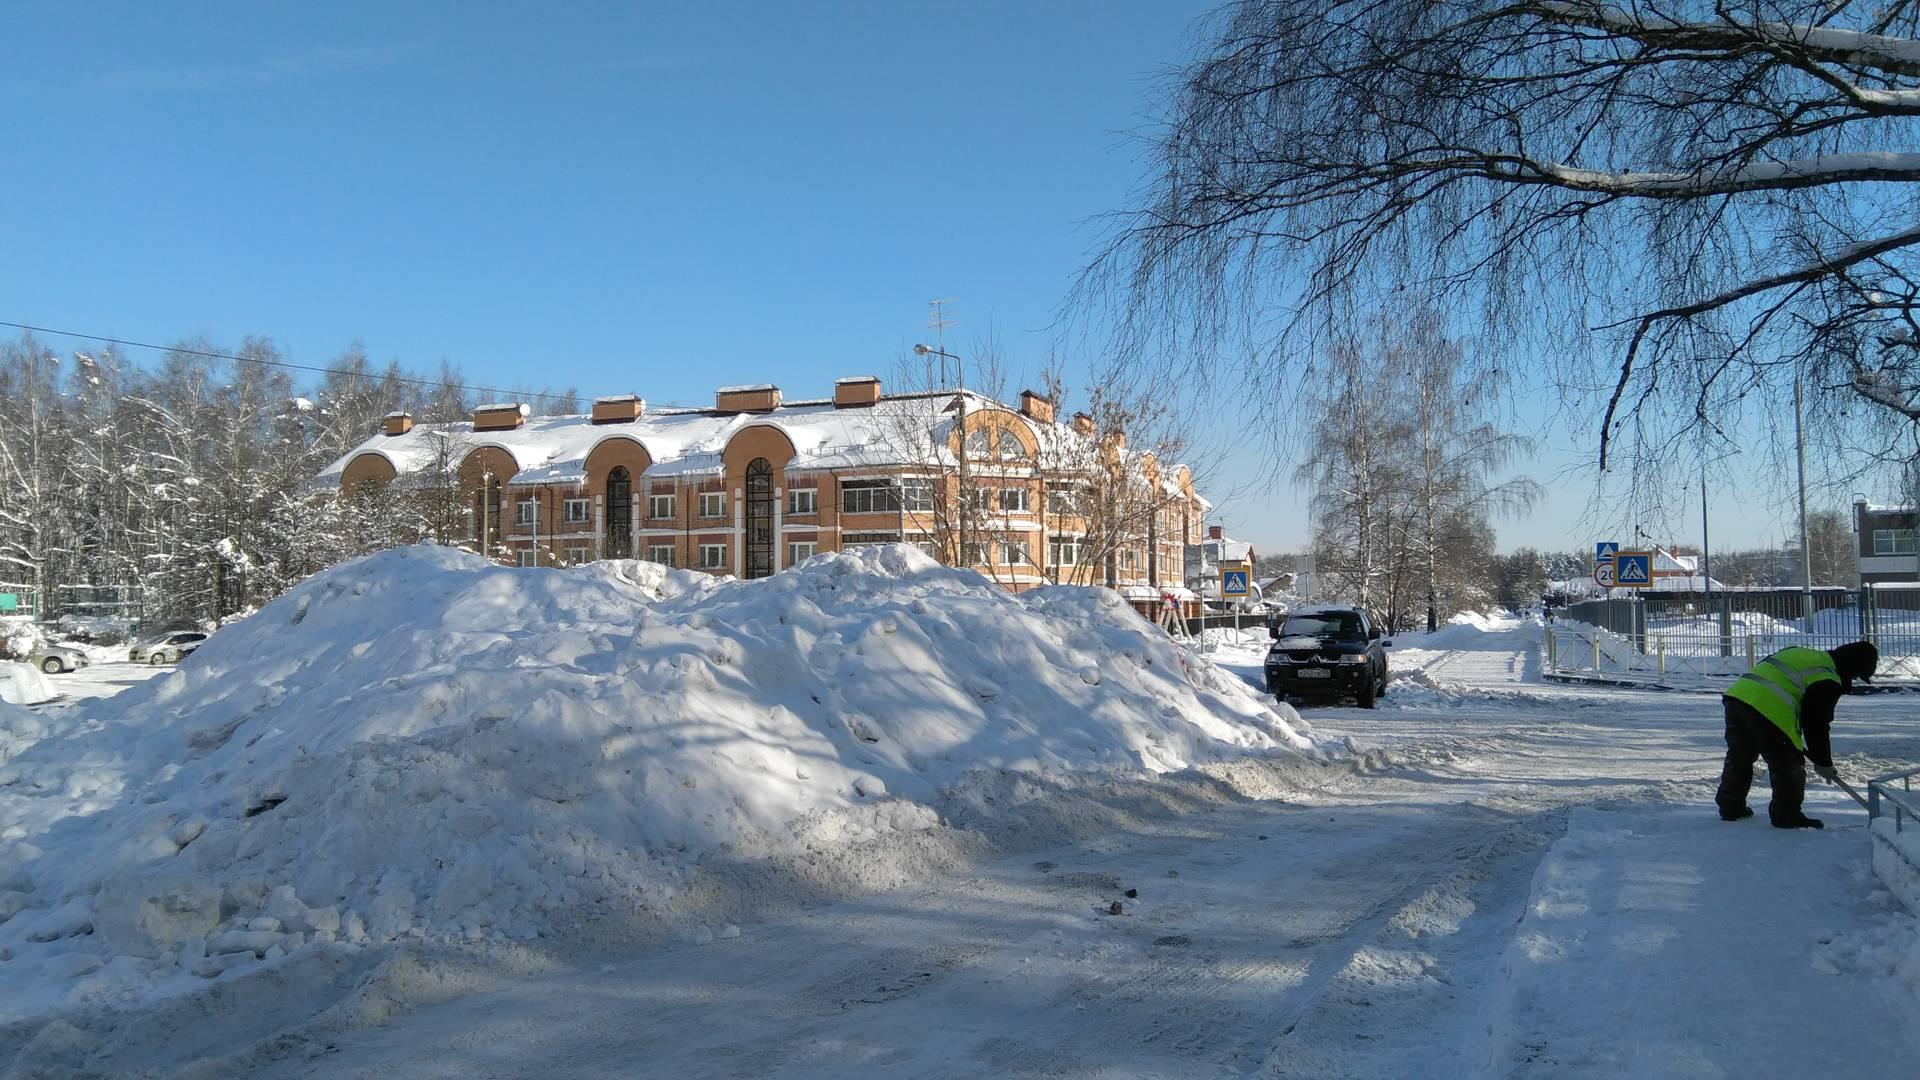 Пироговский, куча снега на автомобильной стоянке